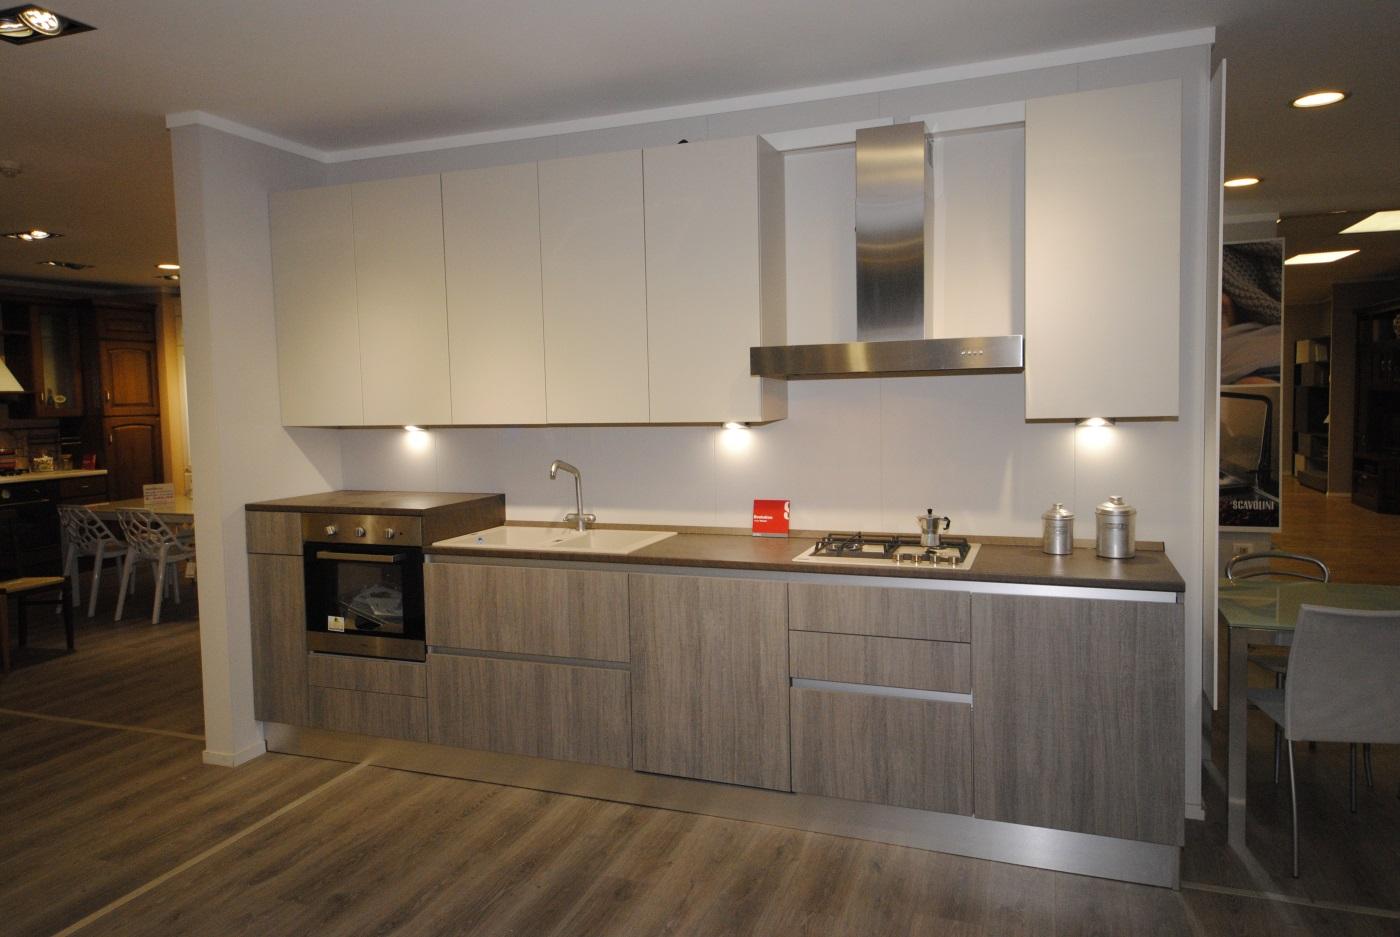 Offerta cucina Scavolini Basic modello Evolution decorativo e laccato opaco  San Gaetano